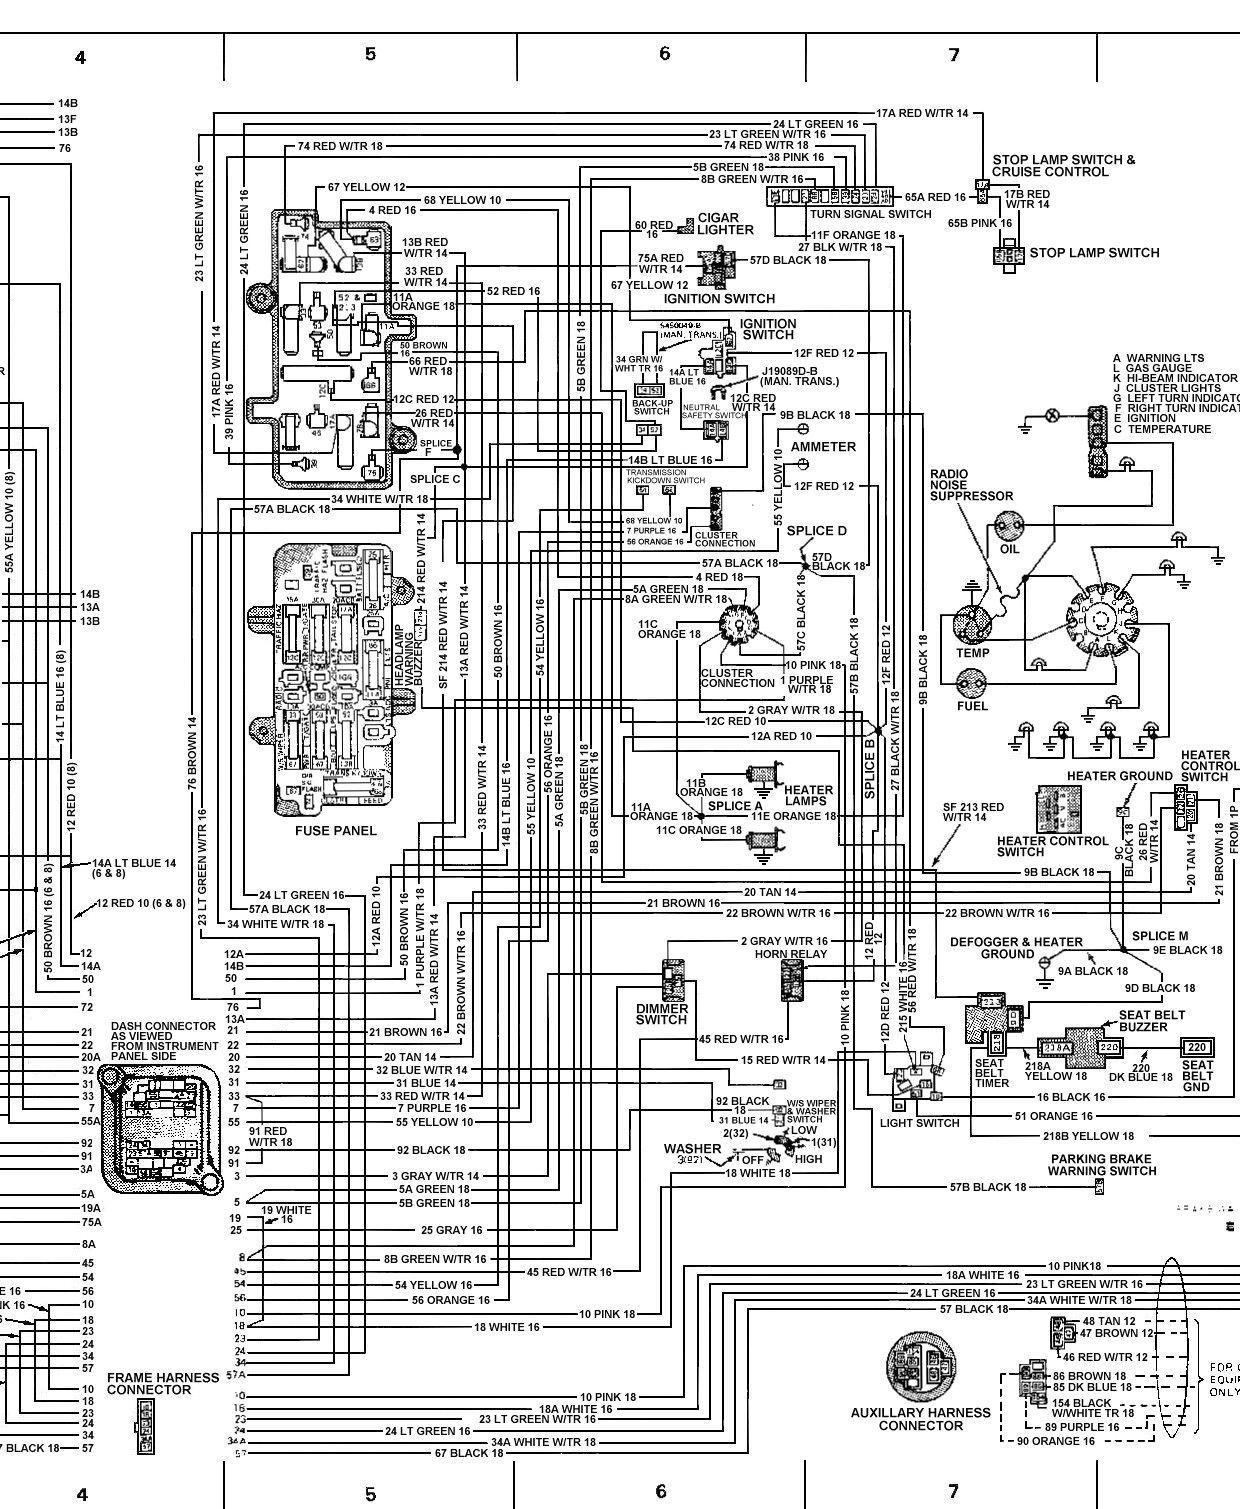 2004 Nissan Frontier Wiring Diagram Diagrams Schematics Best 2007 In At | Truck | 2004 nissan